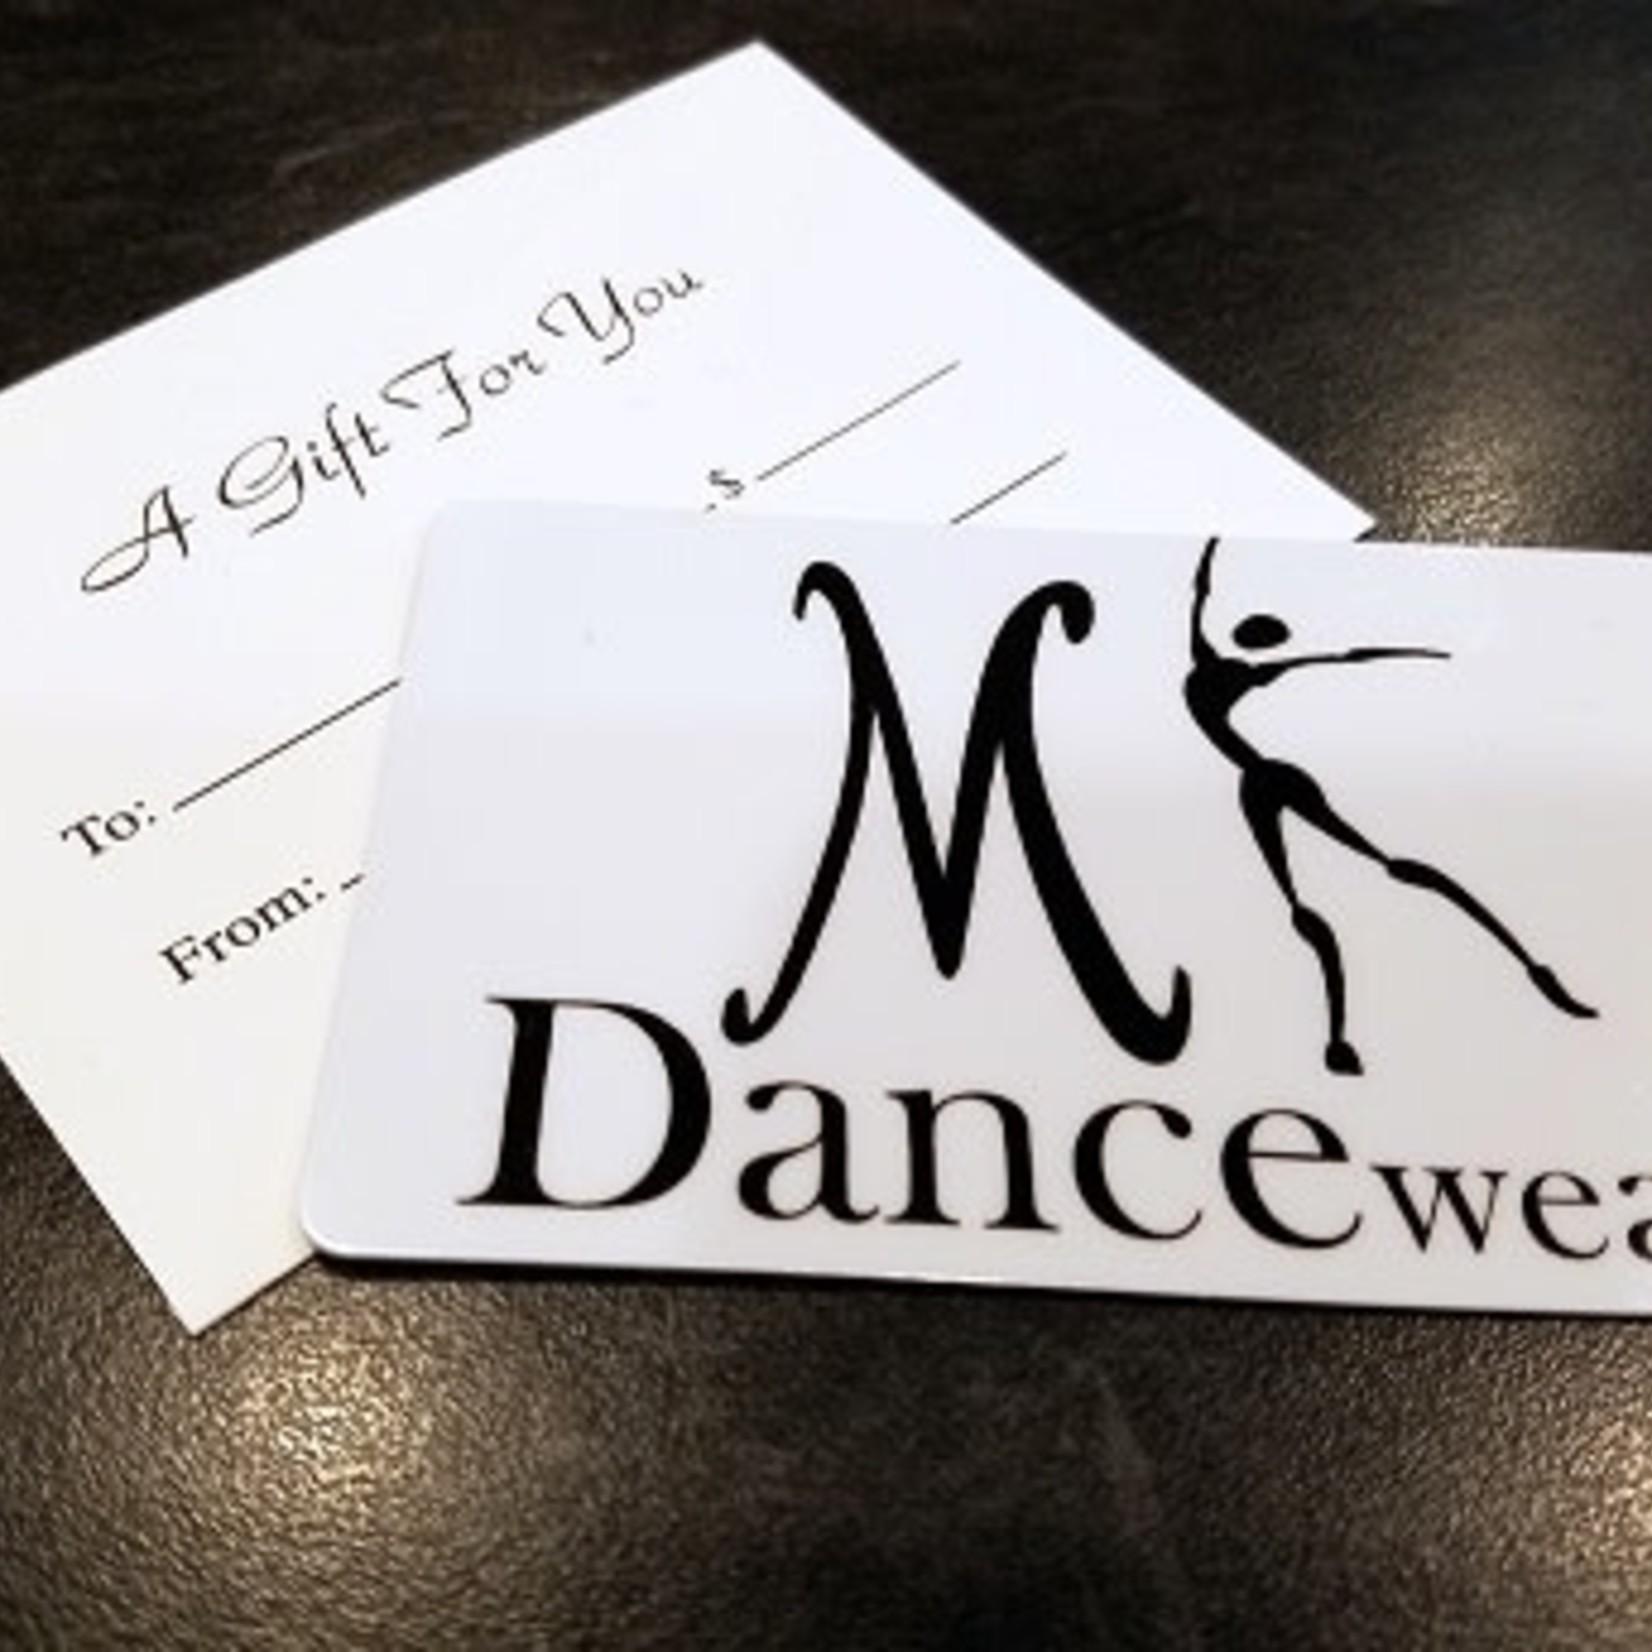 MK Dancewear MK Dancewear Gift Card $10